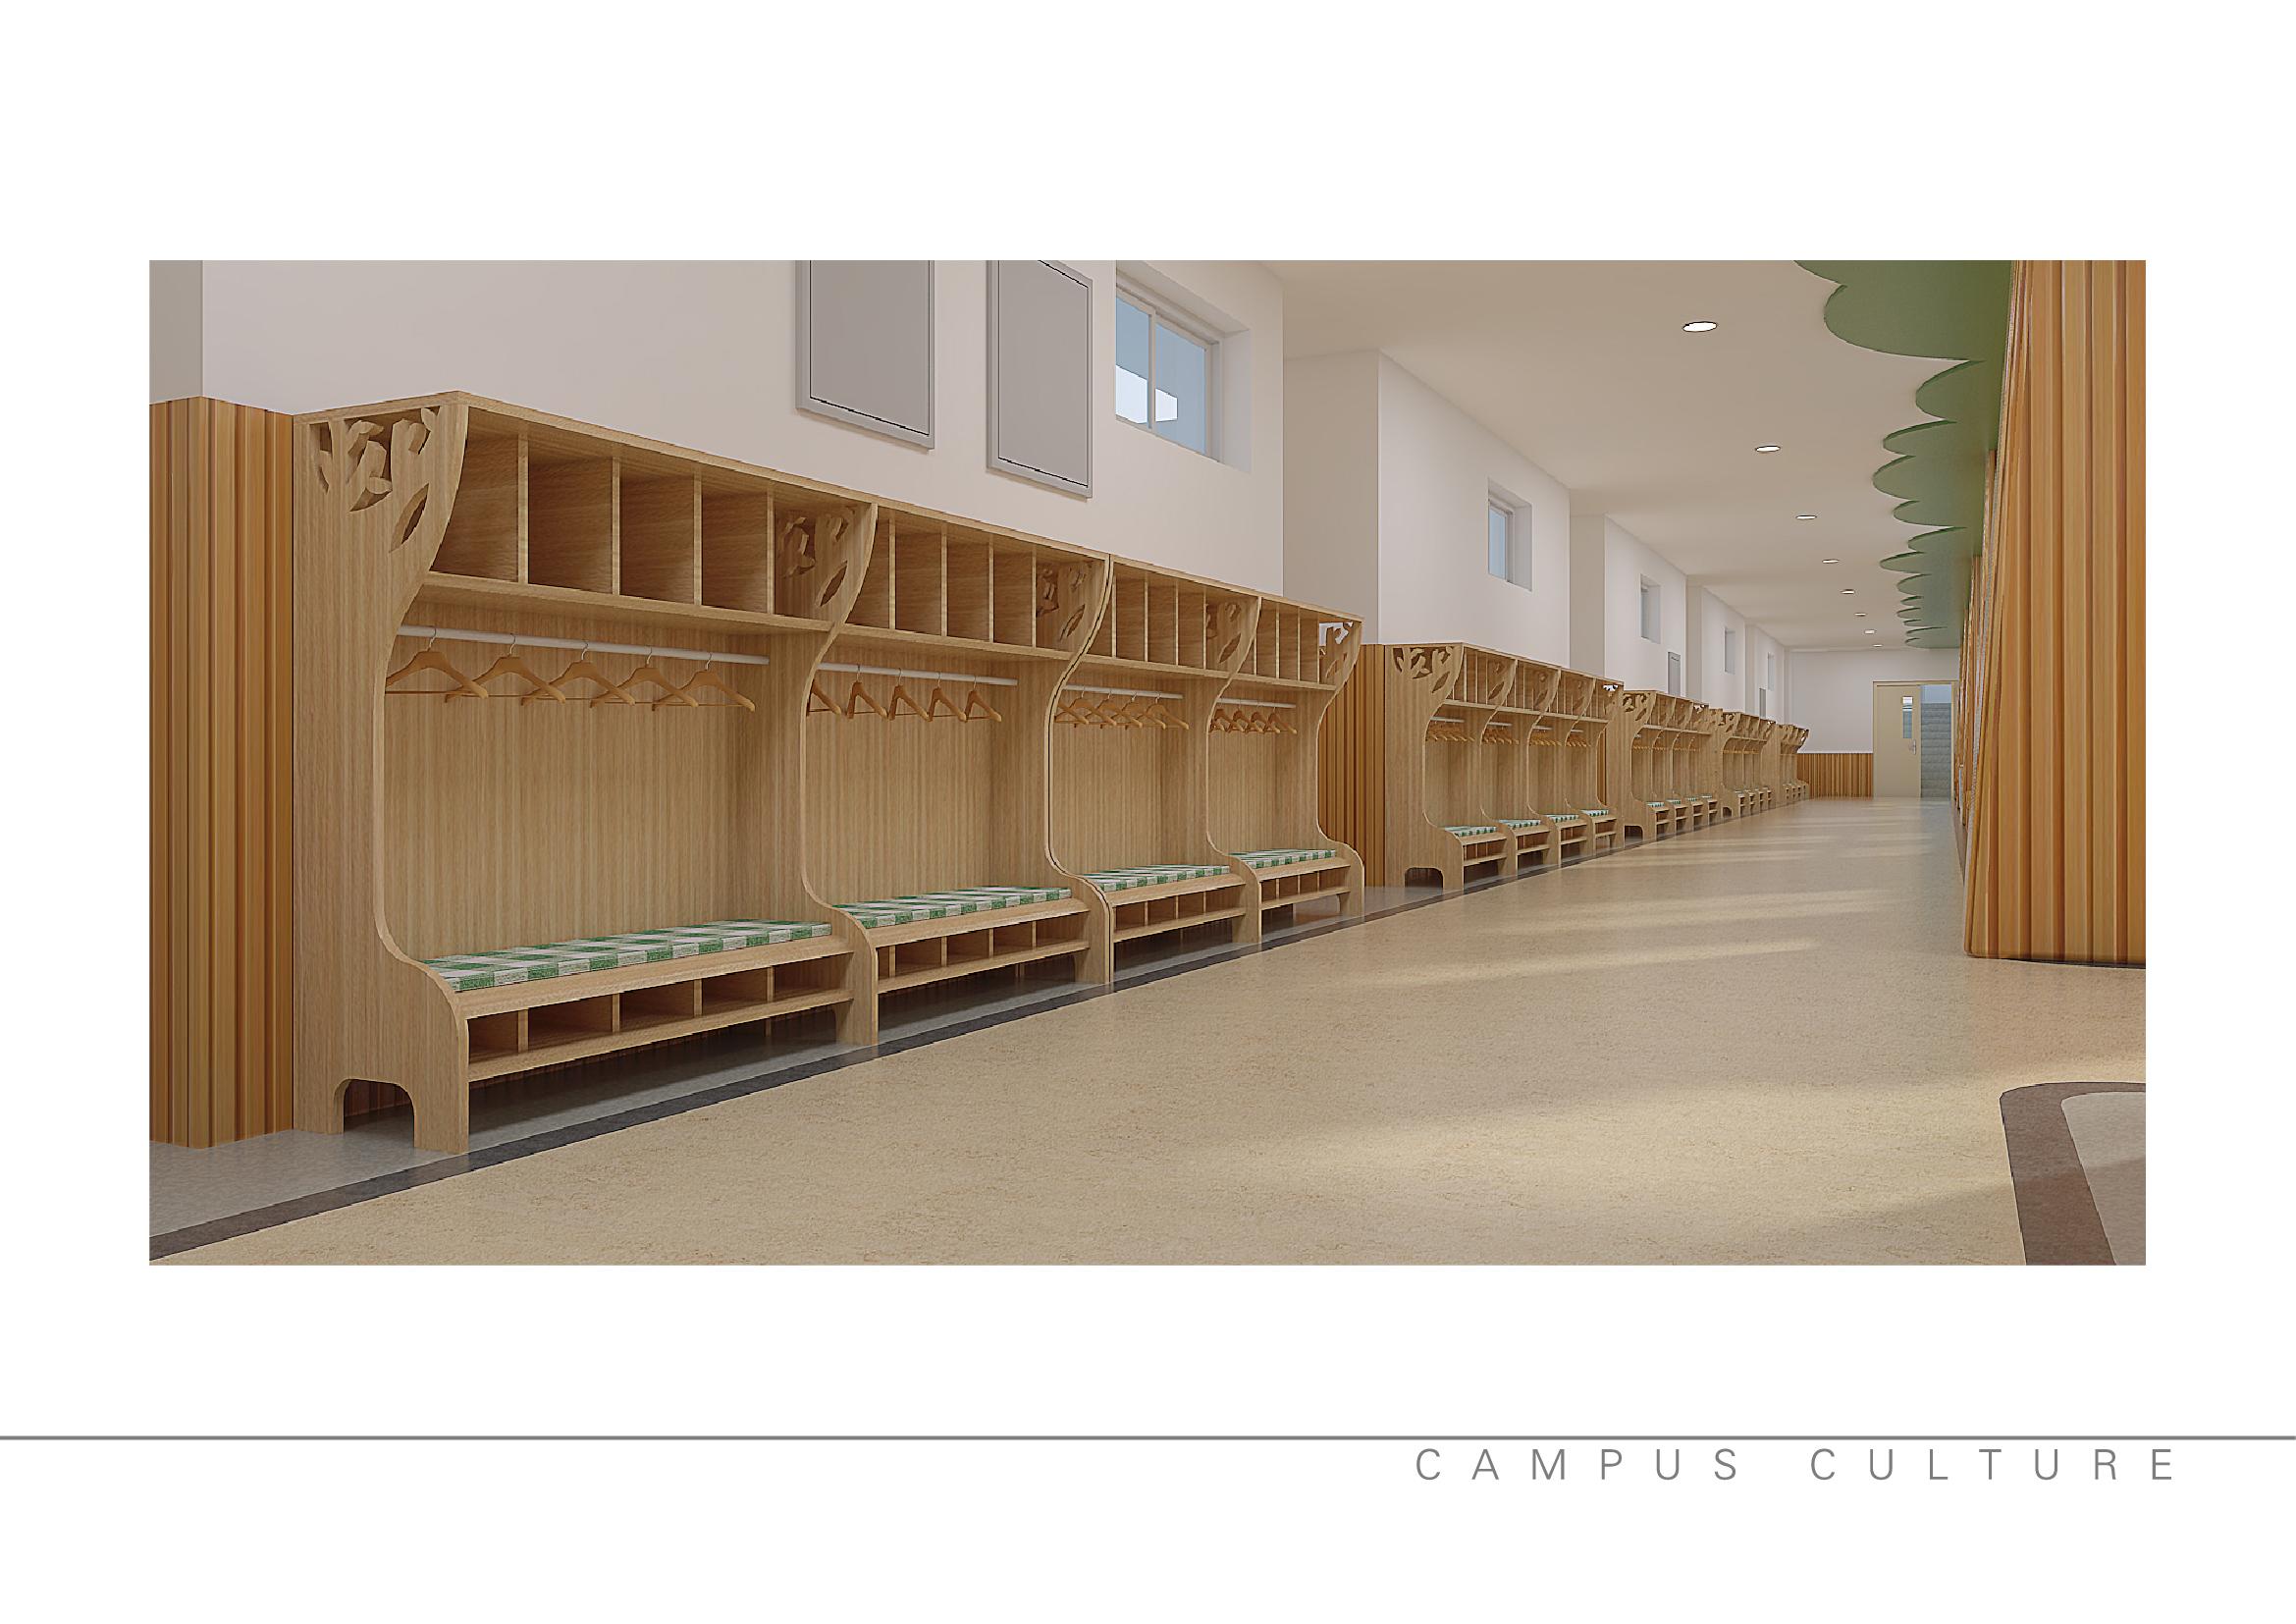 校园文化# 走廊设计